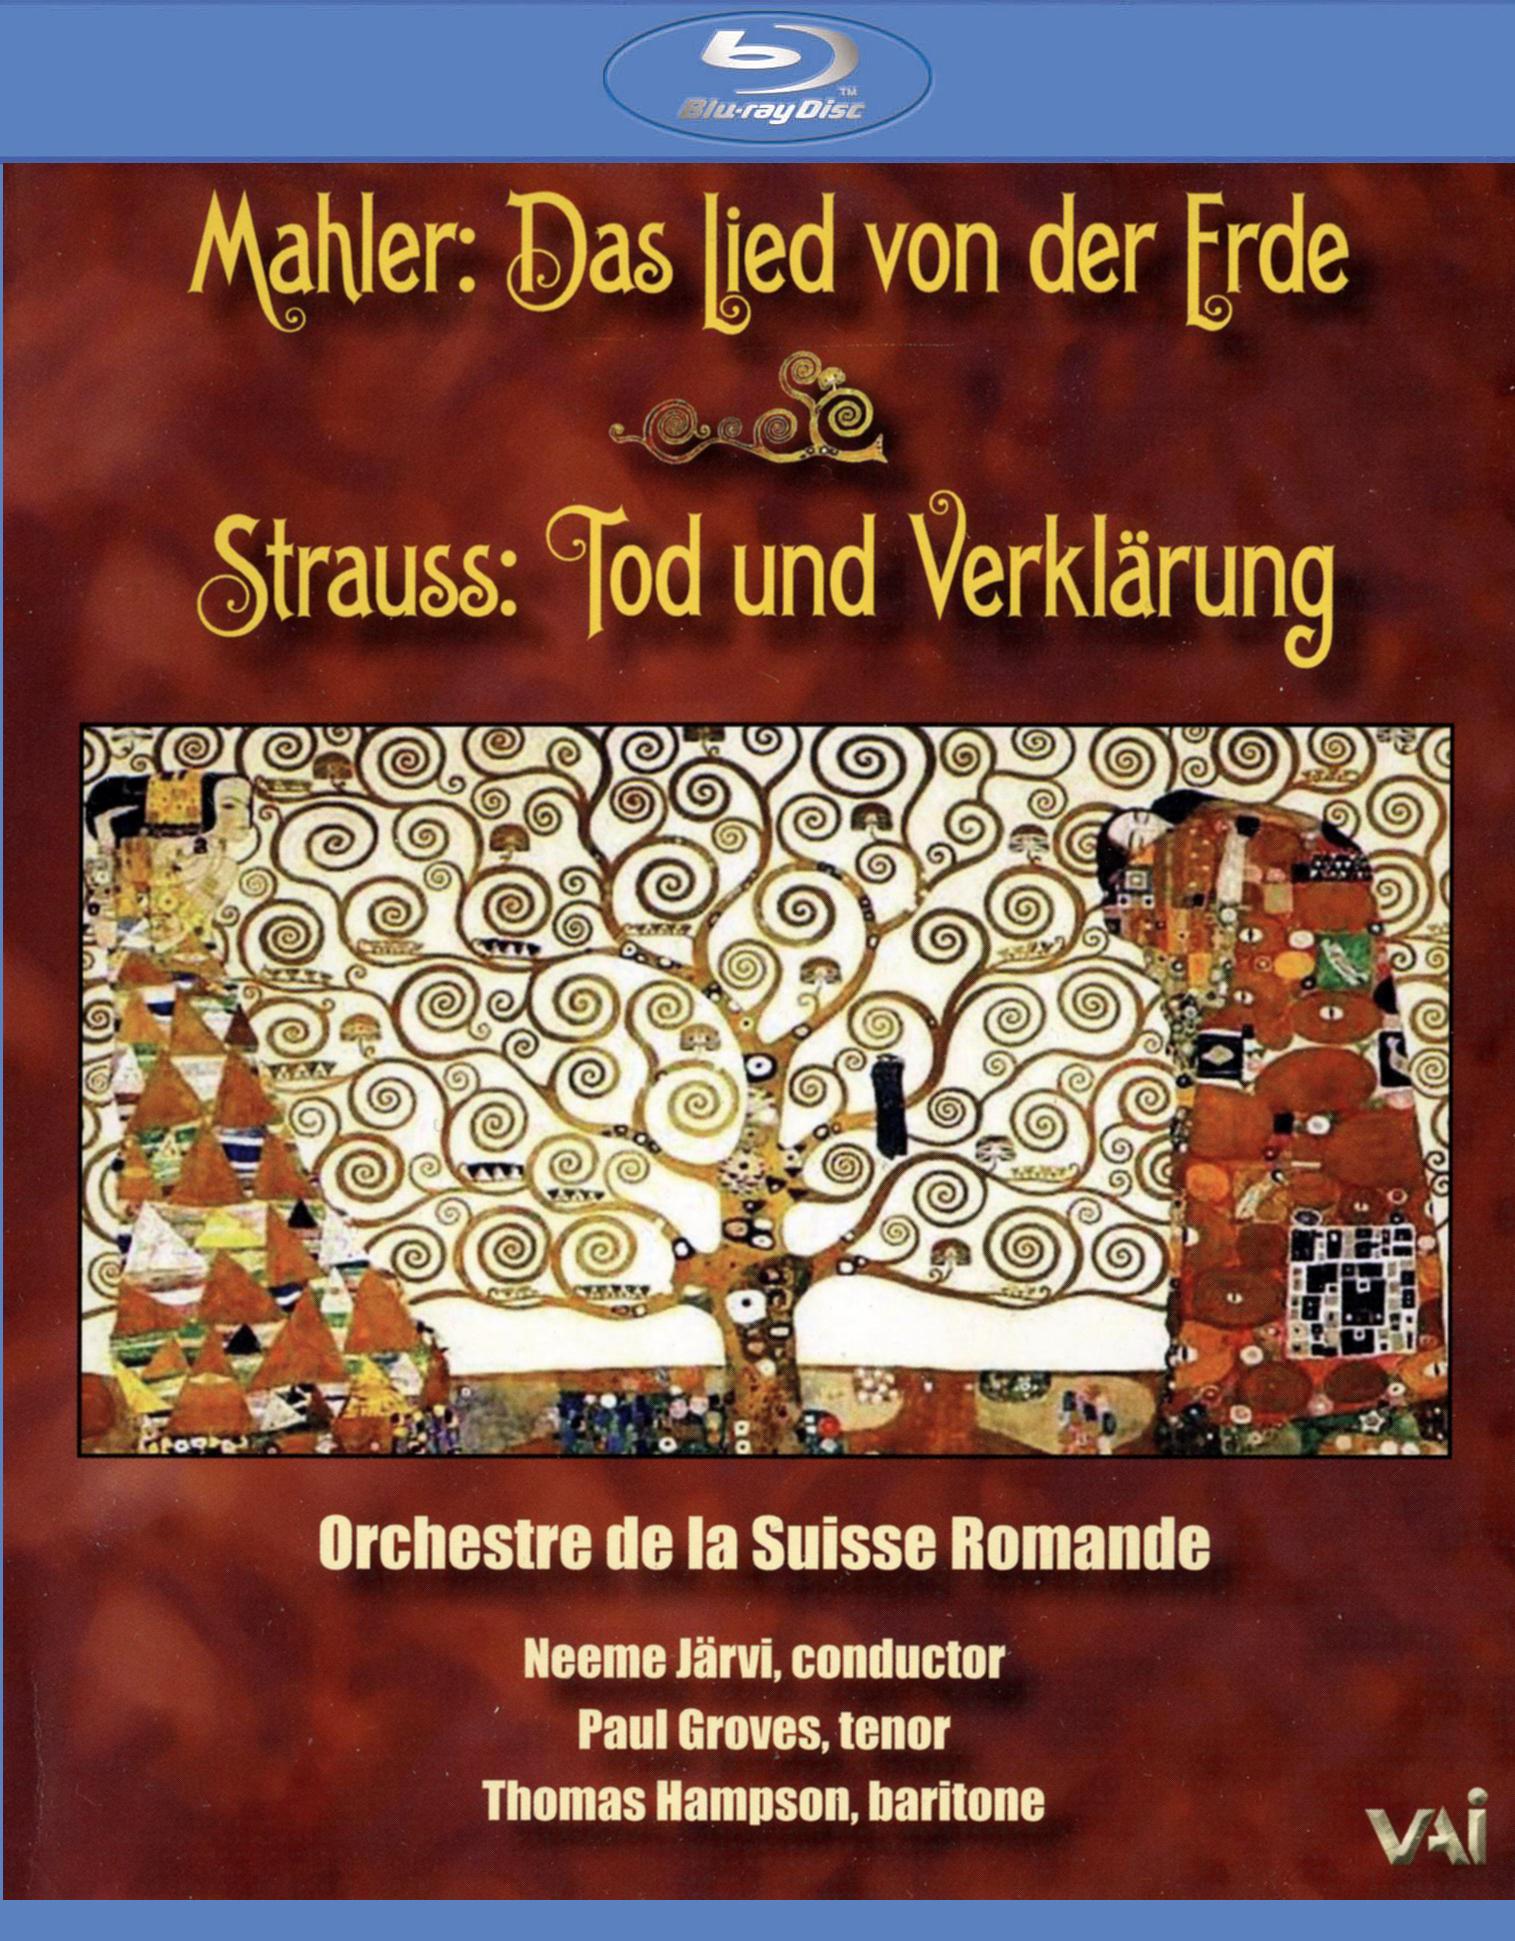 Orchestre de la Suisse Romande: Mahler - Das Lied von der Erde/Strauss - Tod und Verklarung